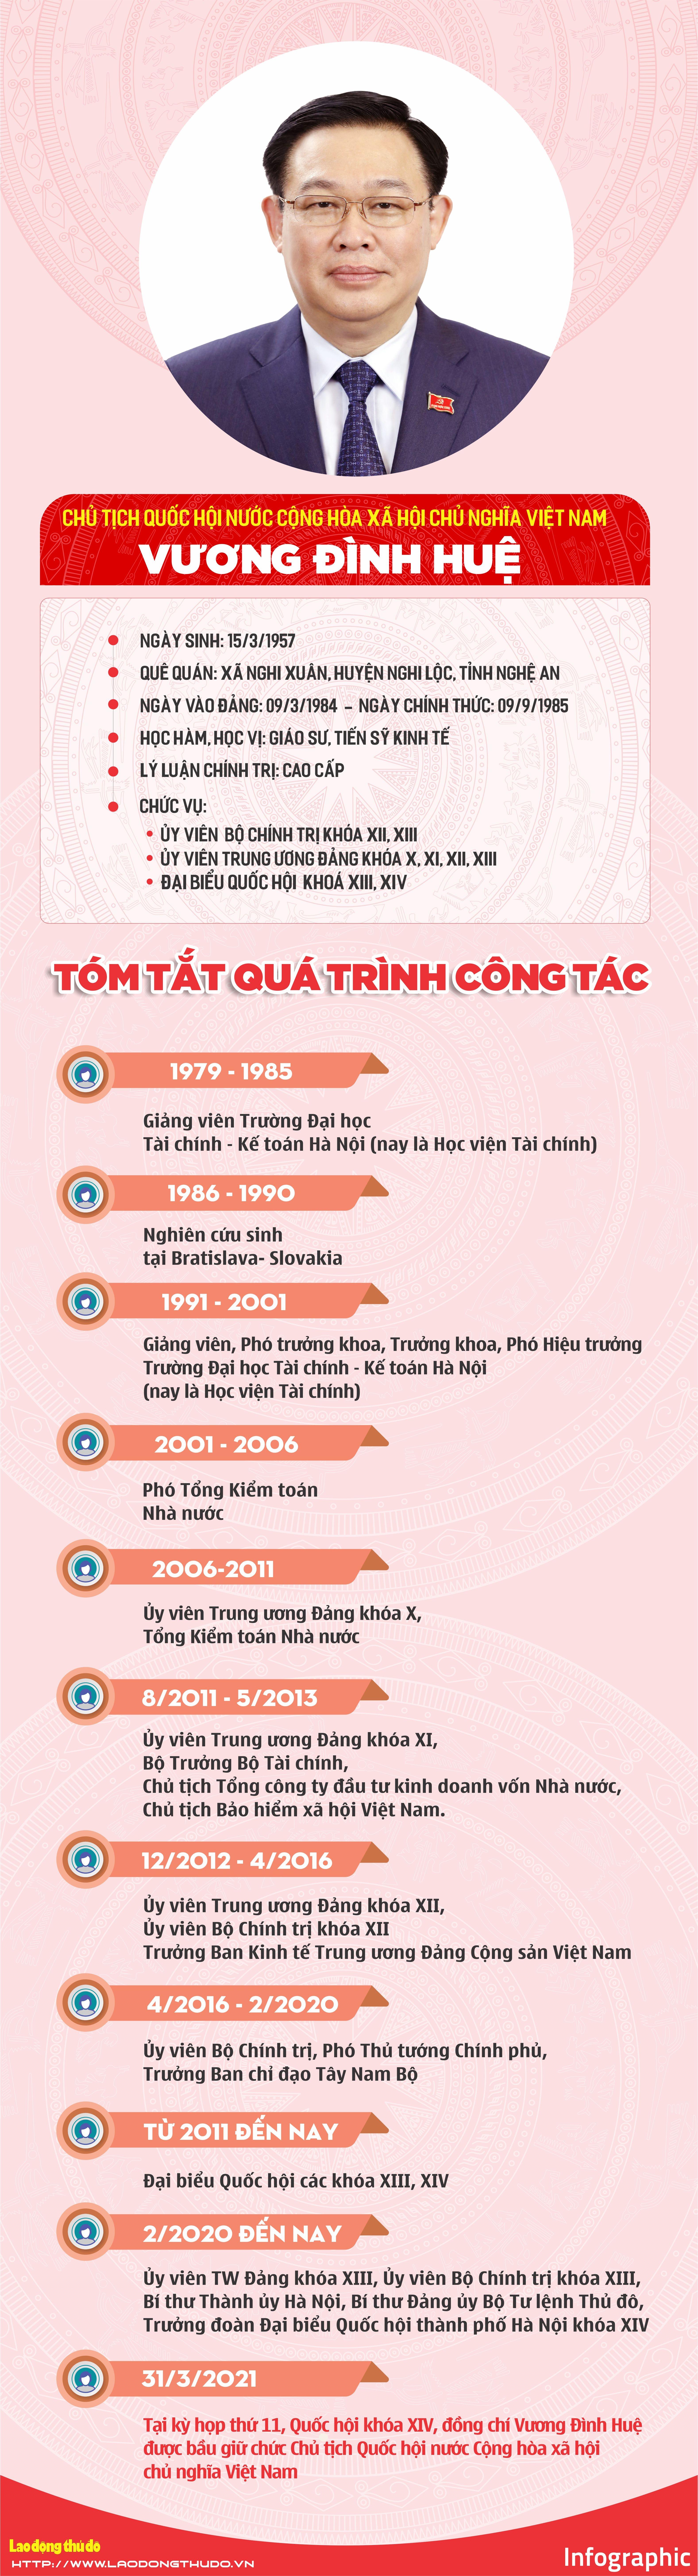 [Infographics] Tóm tắt quá trình công tác của Chủ tịch Quốc hội Vương Đình Huệ